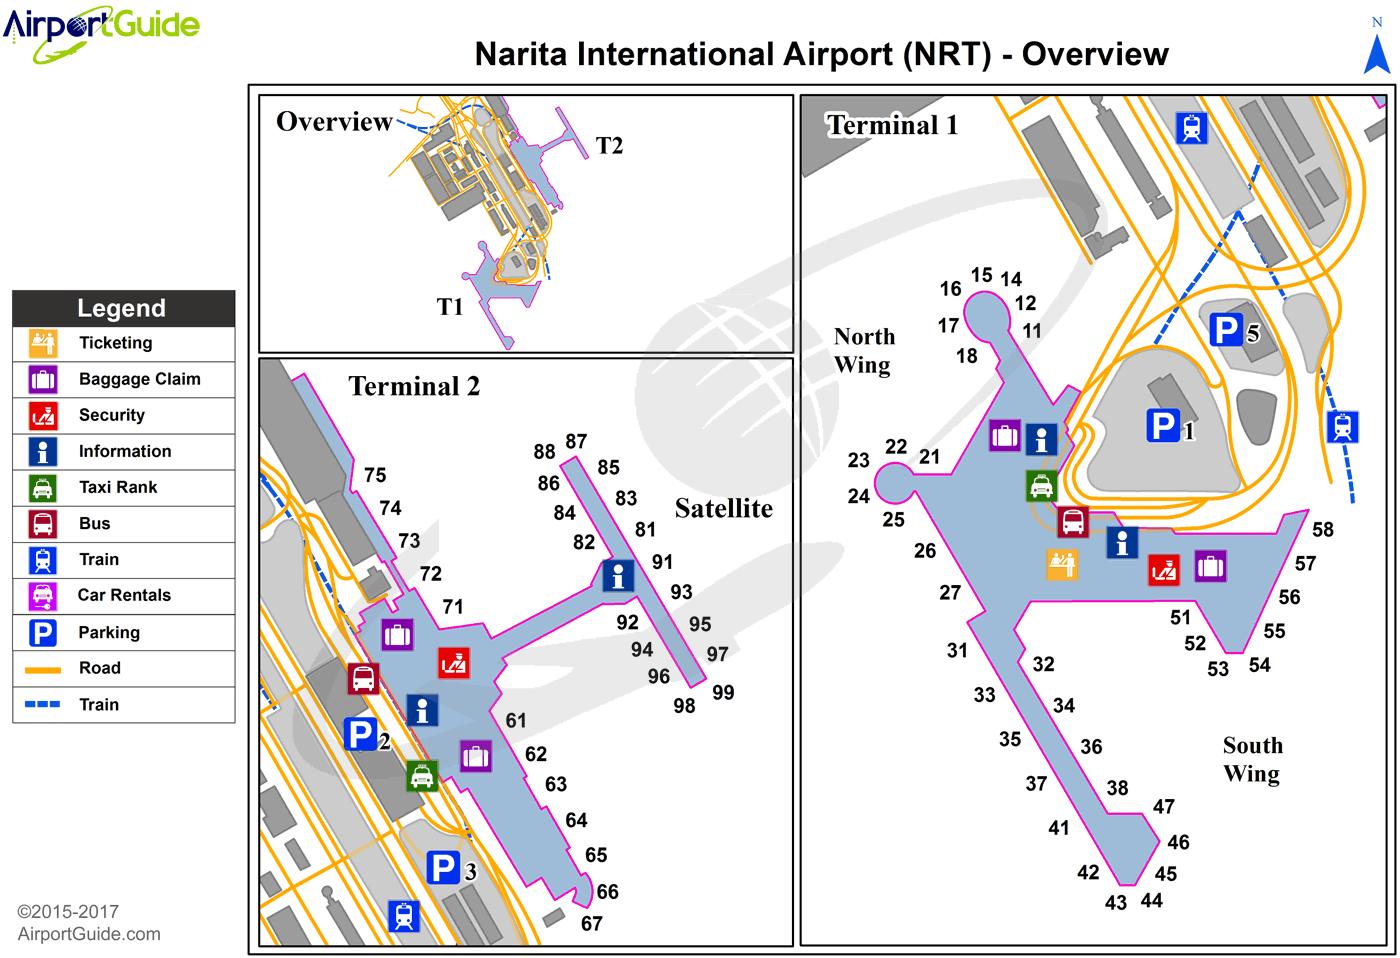 Tokyo Narita International Nrt Airport Terminal Map Overview Airport Guide Airport Design Narita